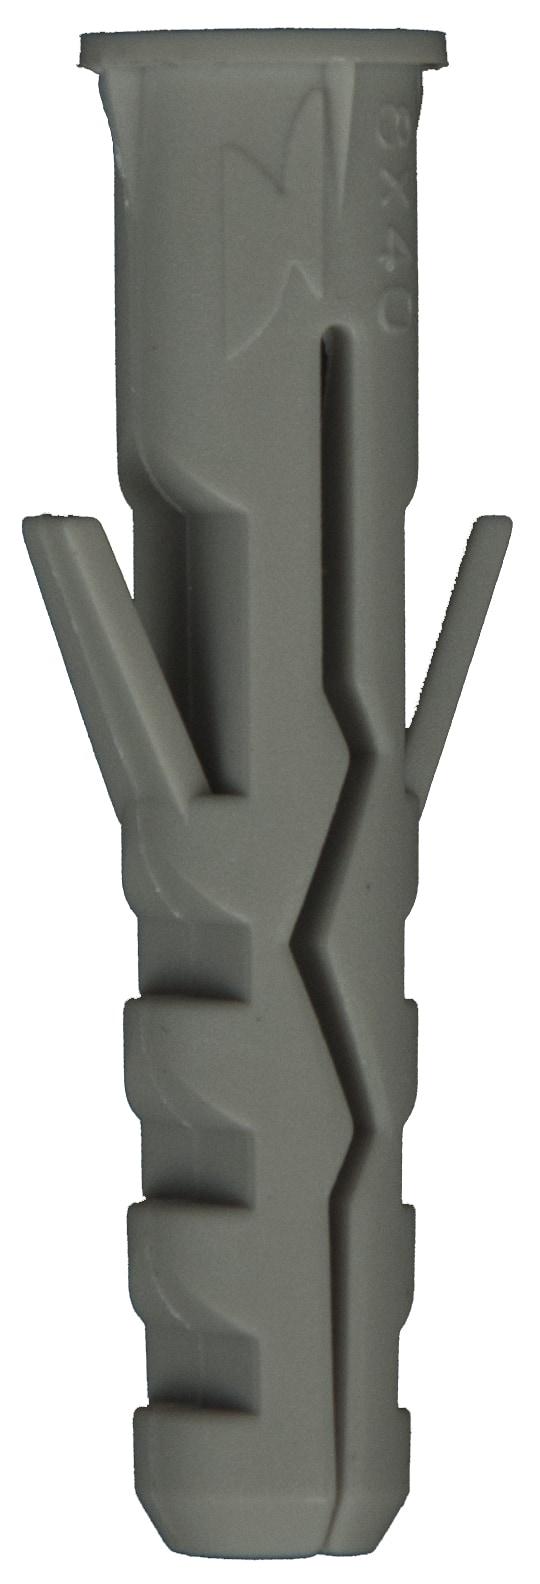 Don Q. Vollmaterialdübel 6x30 mit Kragen 100 Stück DQ #9051022